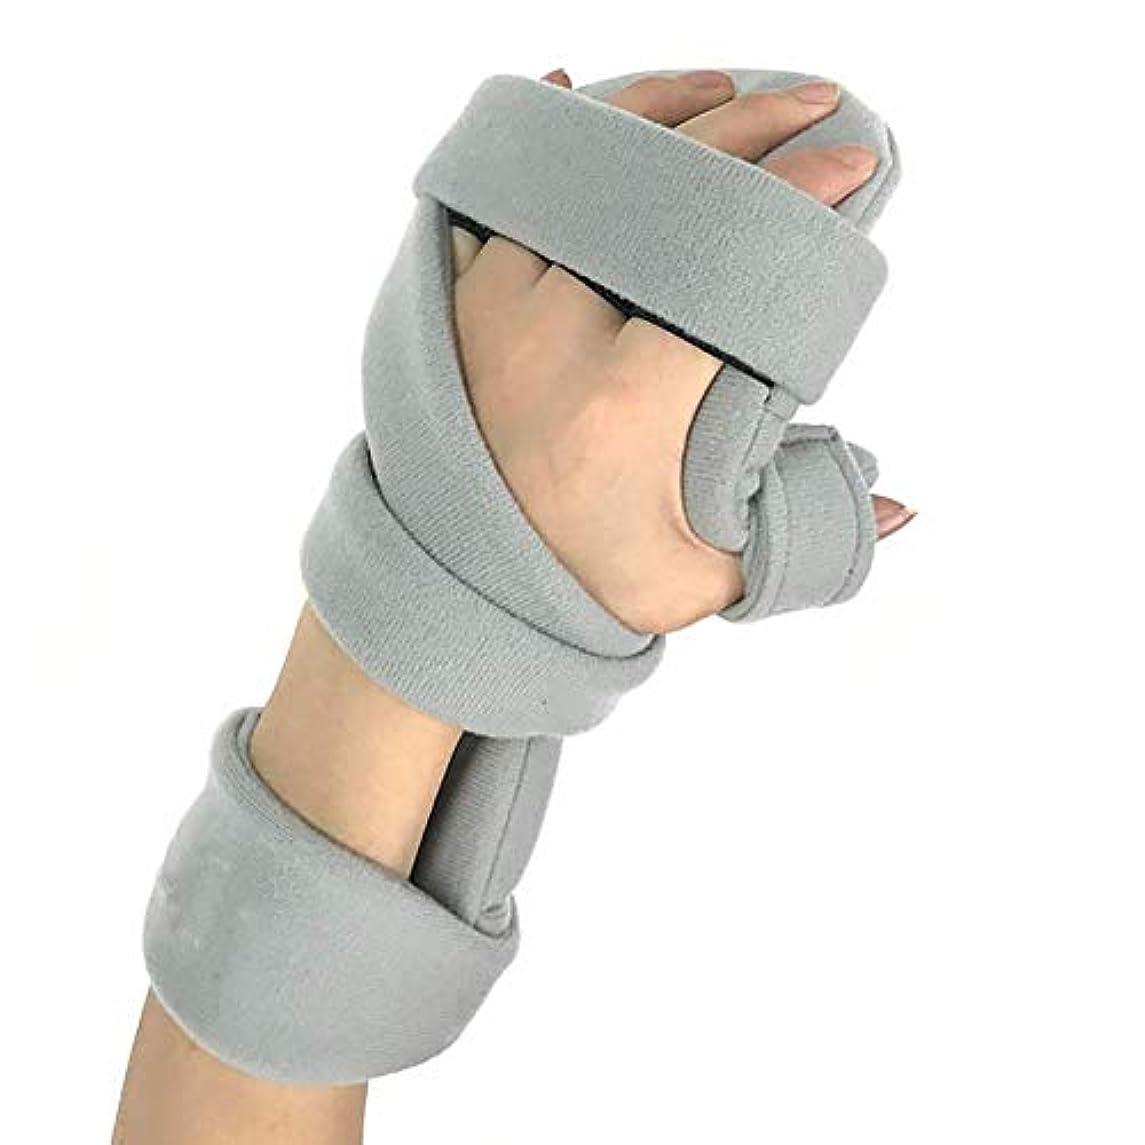 耕す島払い戻し指の怪我のサポート、脳卒中片麻痺患者のリハビリテーションツール支援の指の副木手袋,Right Hand